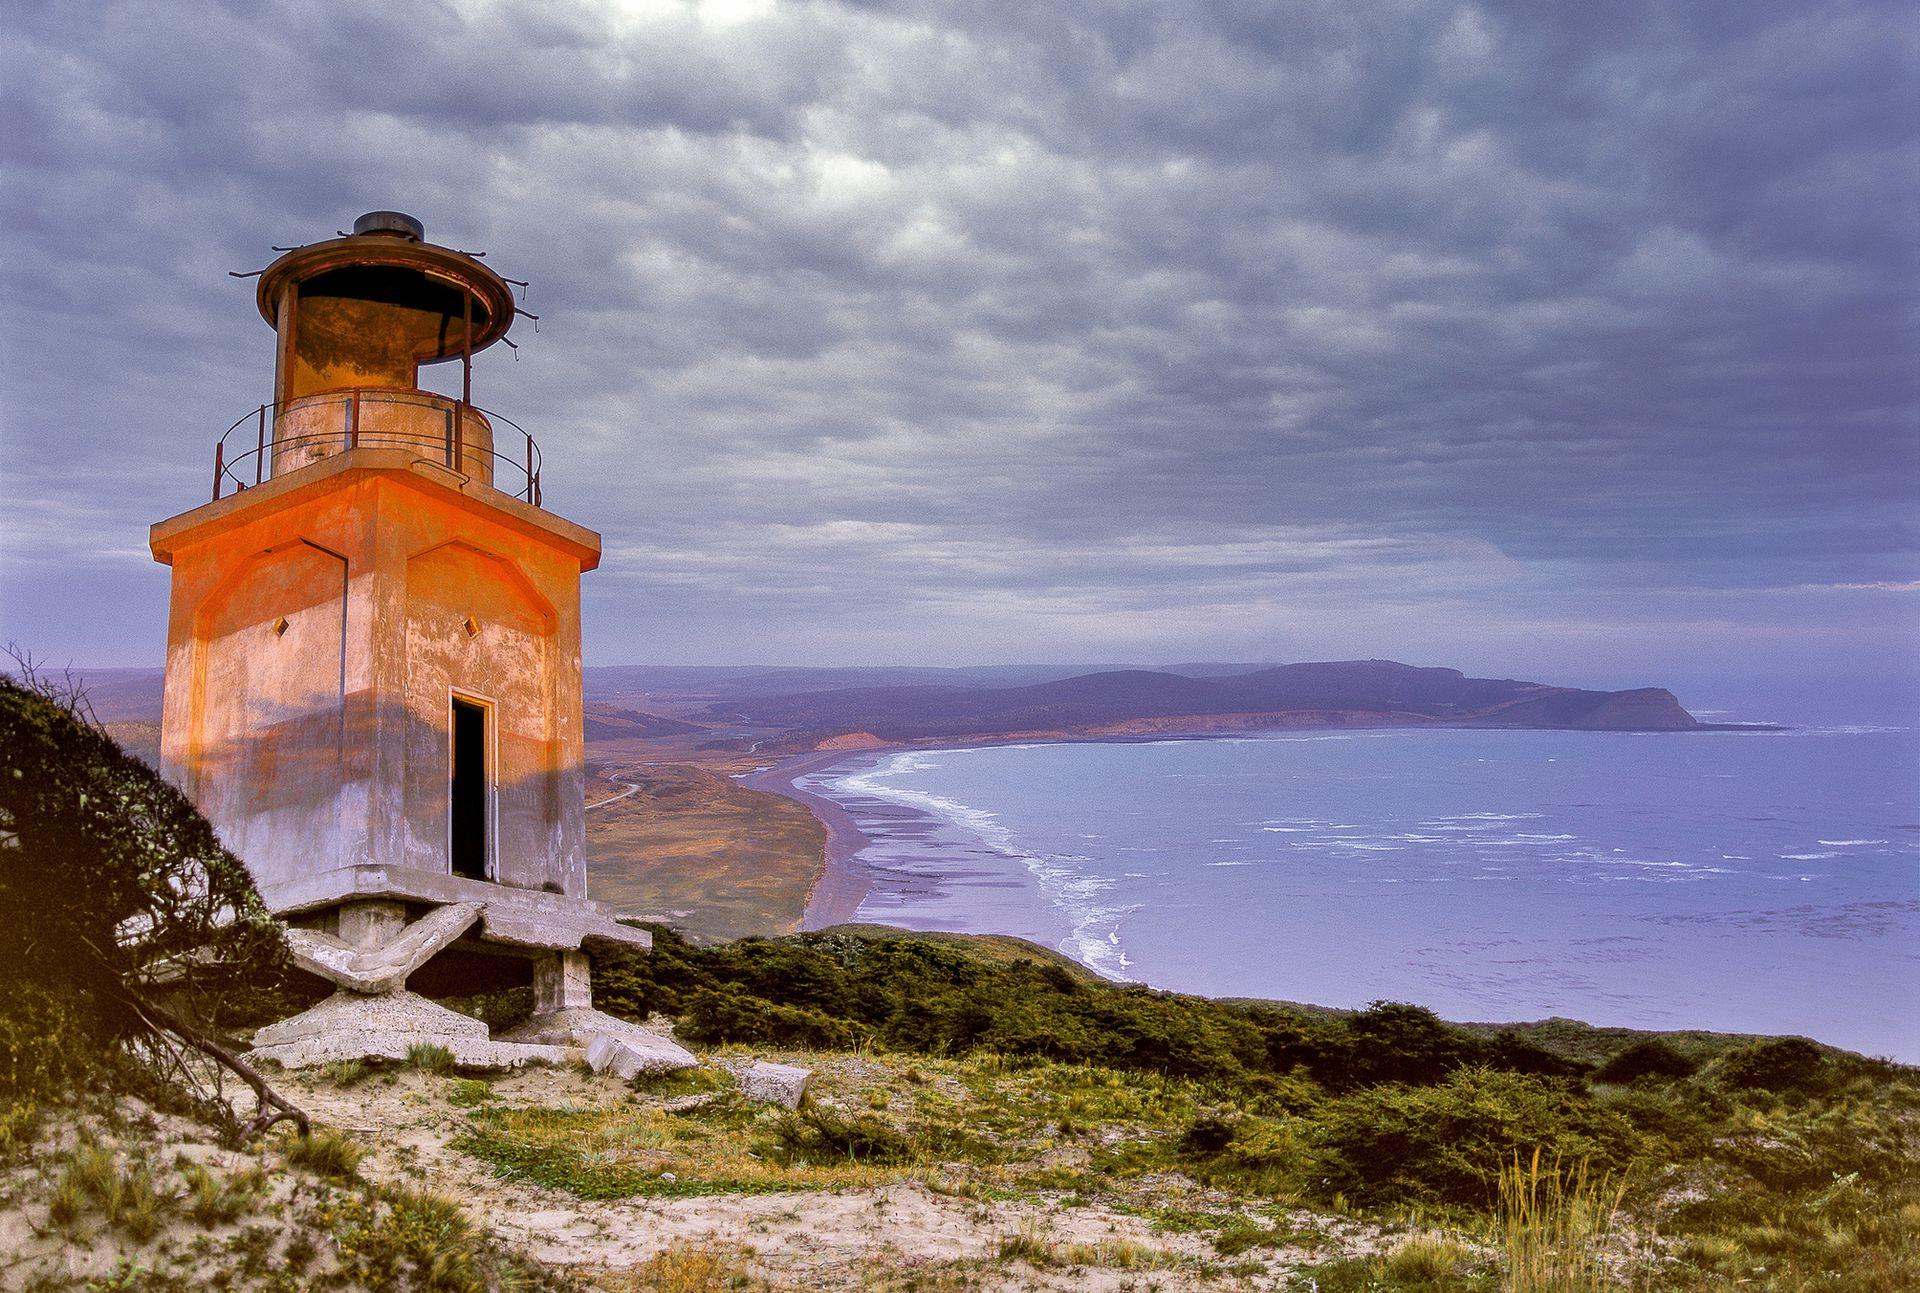 Viejo faro del Cabo San Pablo, en Tierra del Fuego. Su ubicación y los cielos de aquella ocasión, en 1994, fueron los que le dieron a Florian von der Fecht la idea de fotografiar todos los faros.